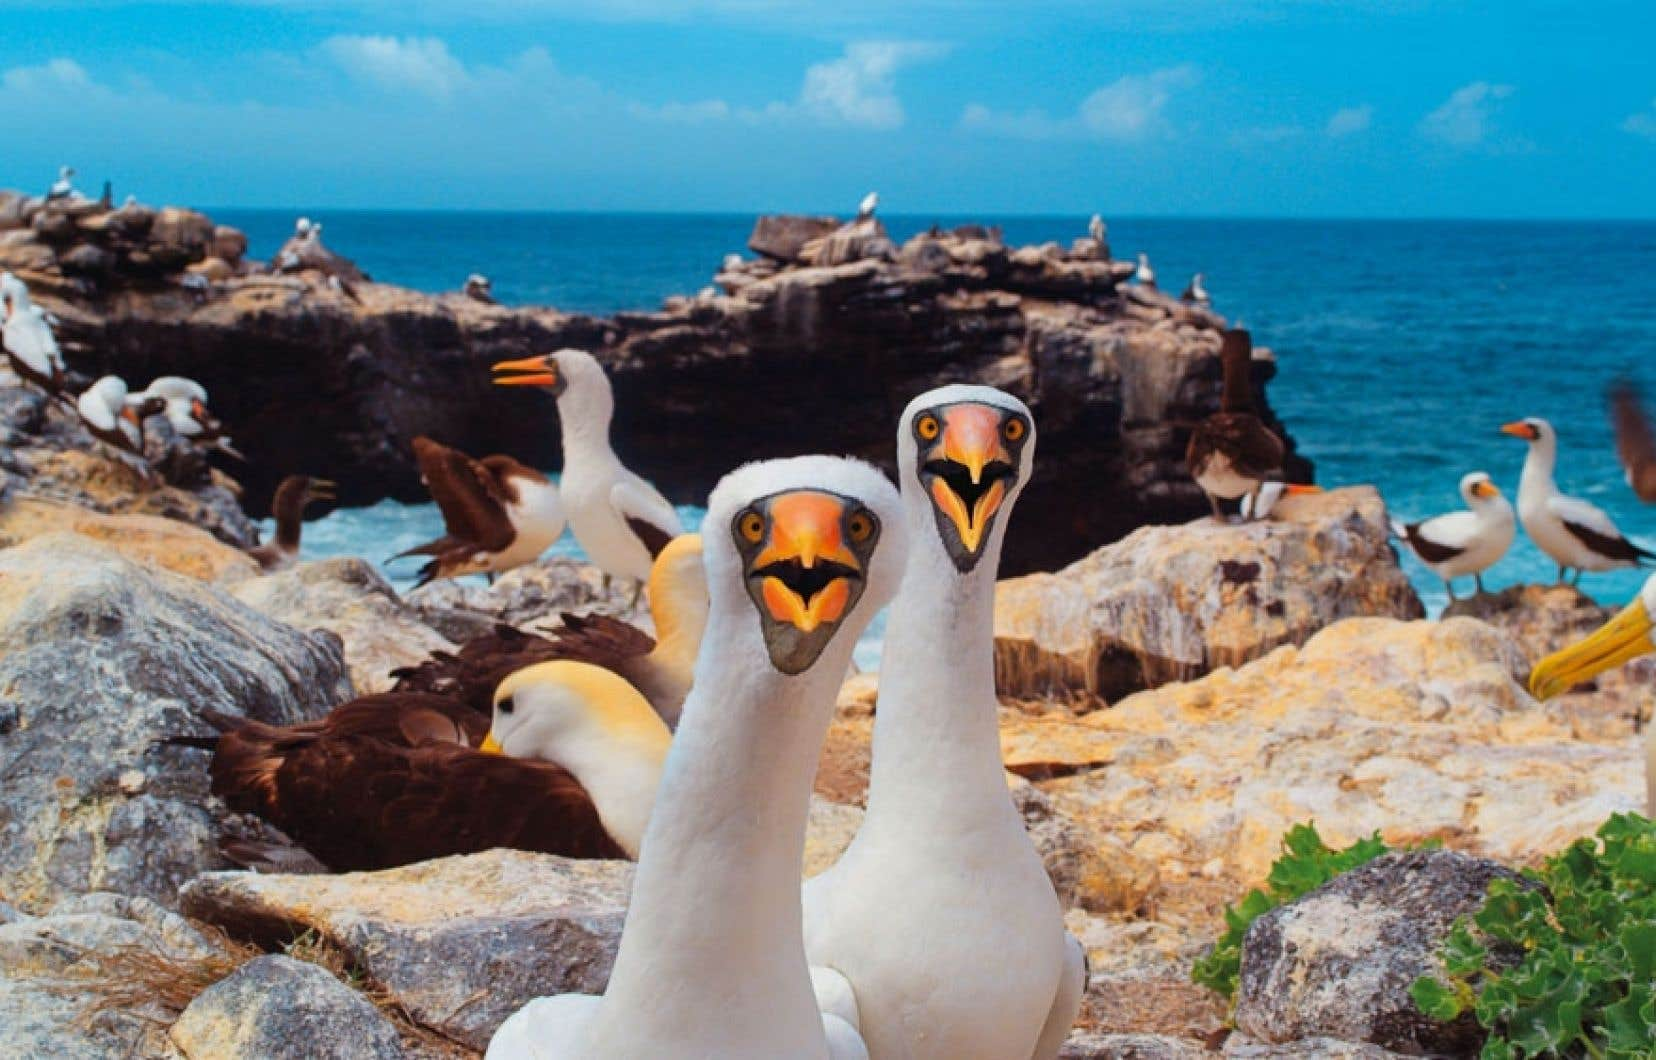 Galapagos 3D: merveilles de la nature fait découvrir quelques-unes des espèces animales des îles Galapagos.